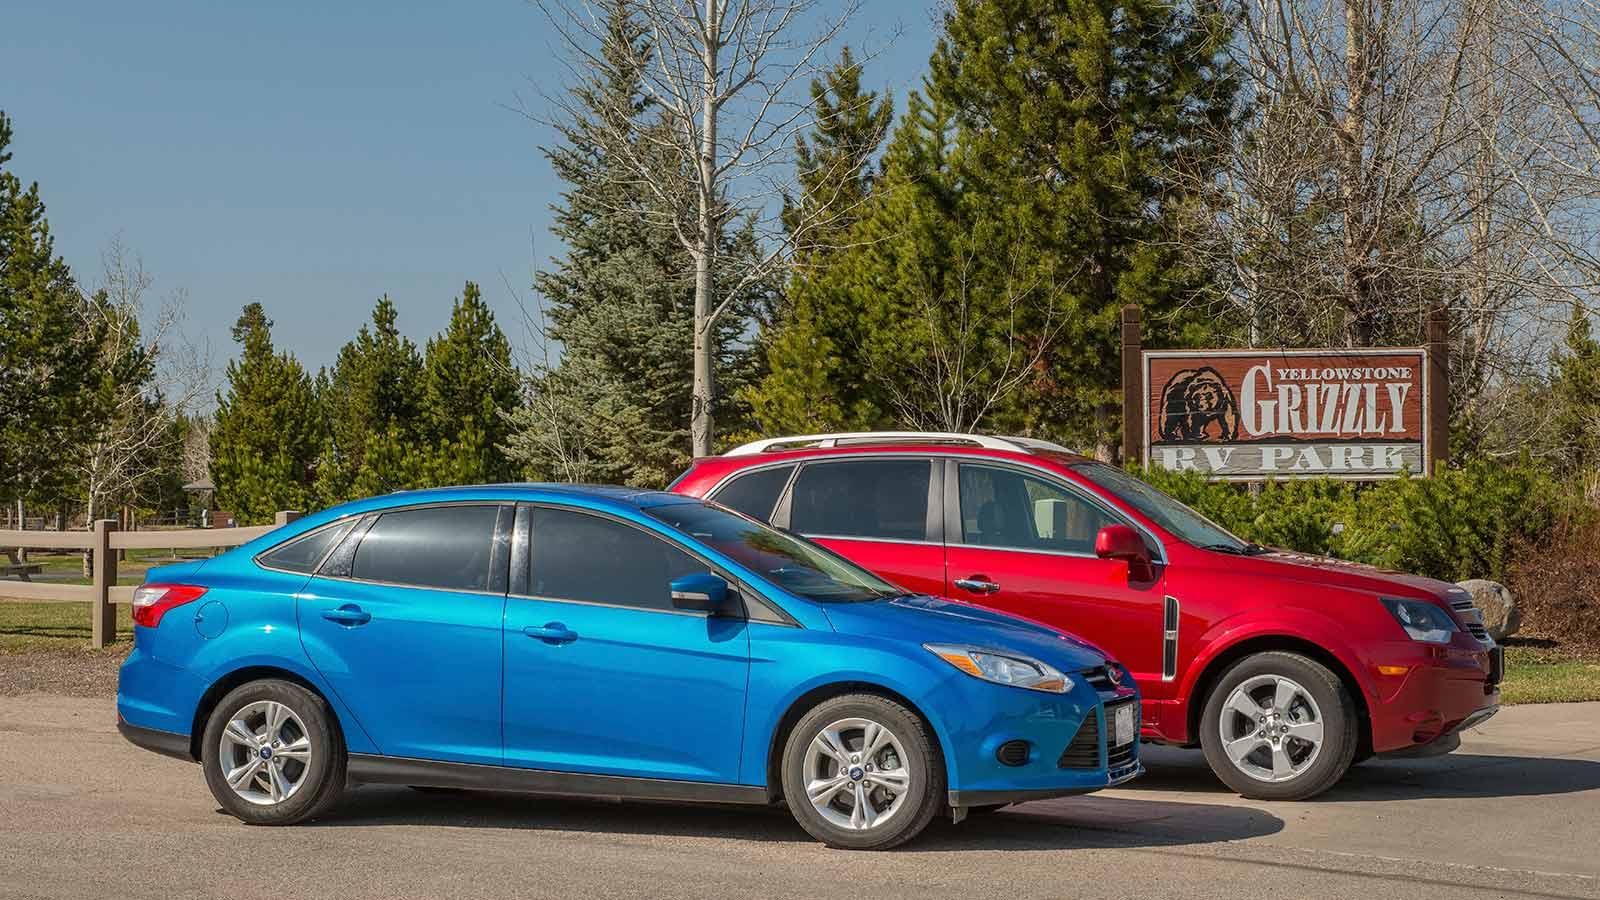 West Yellowstone Car Rental